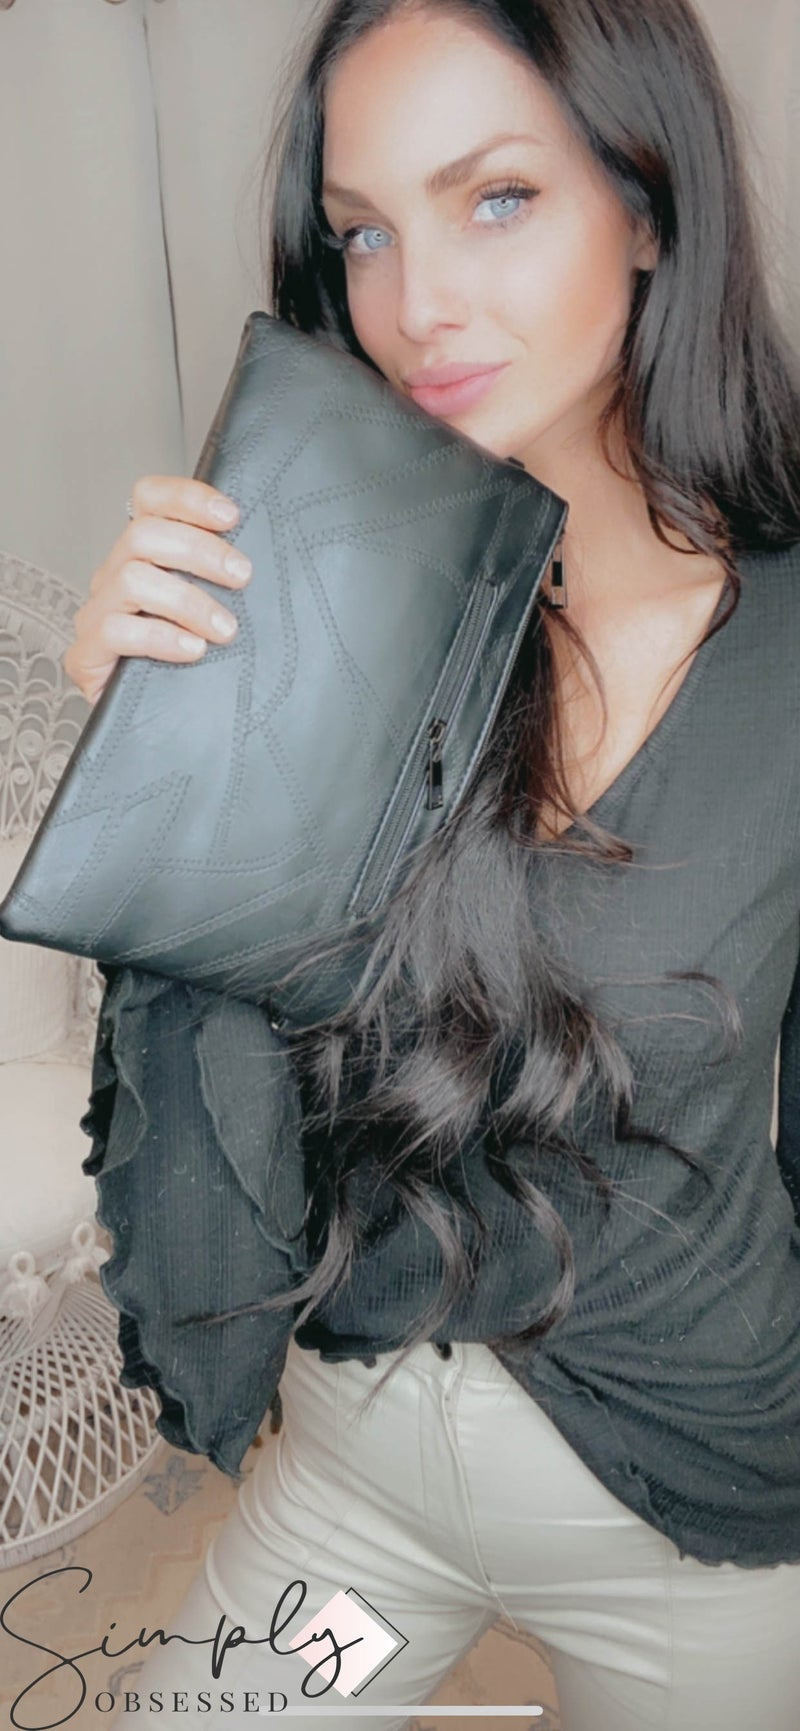 Julia Rose - Studded Envelope Clutch/Handbag